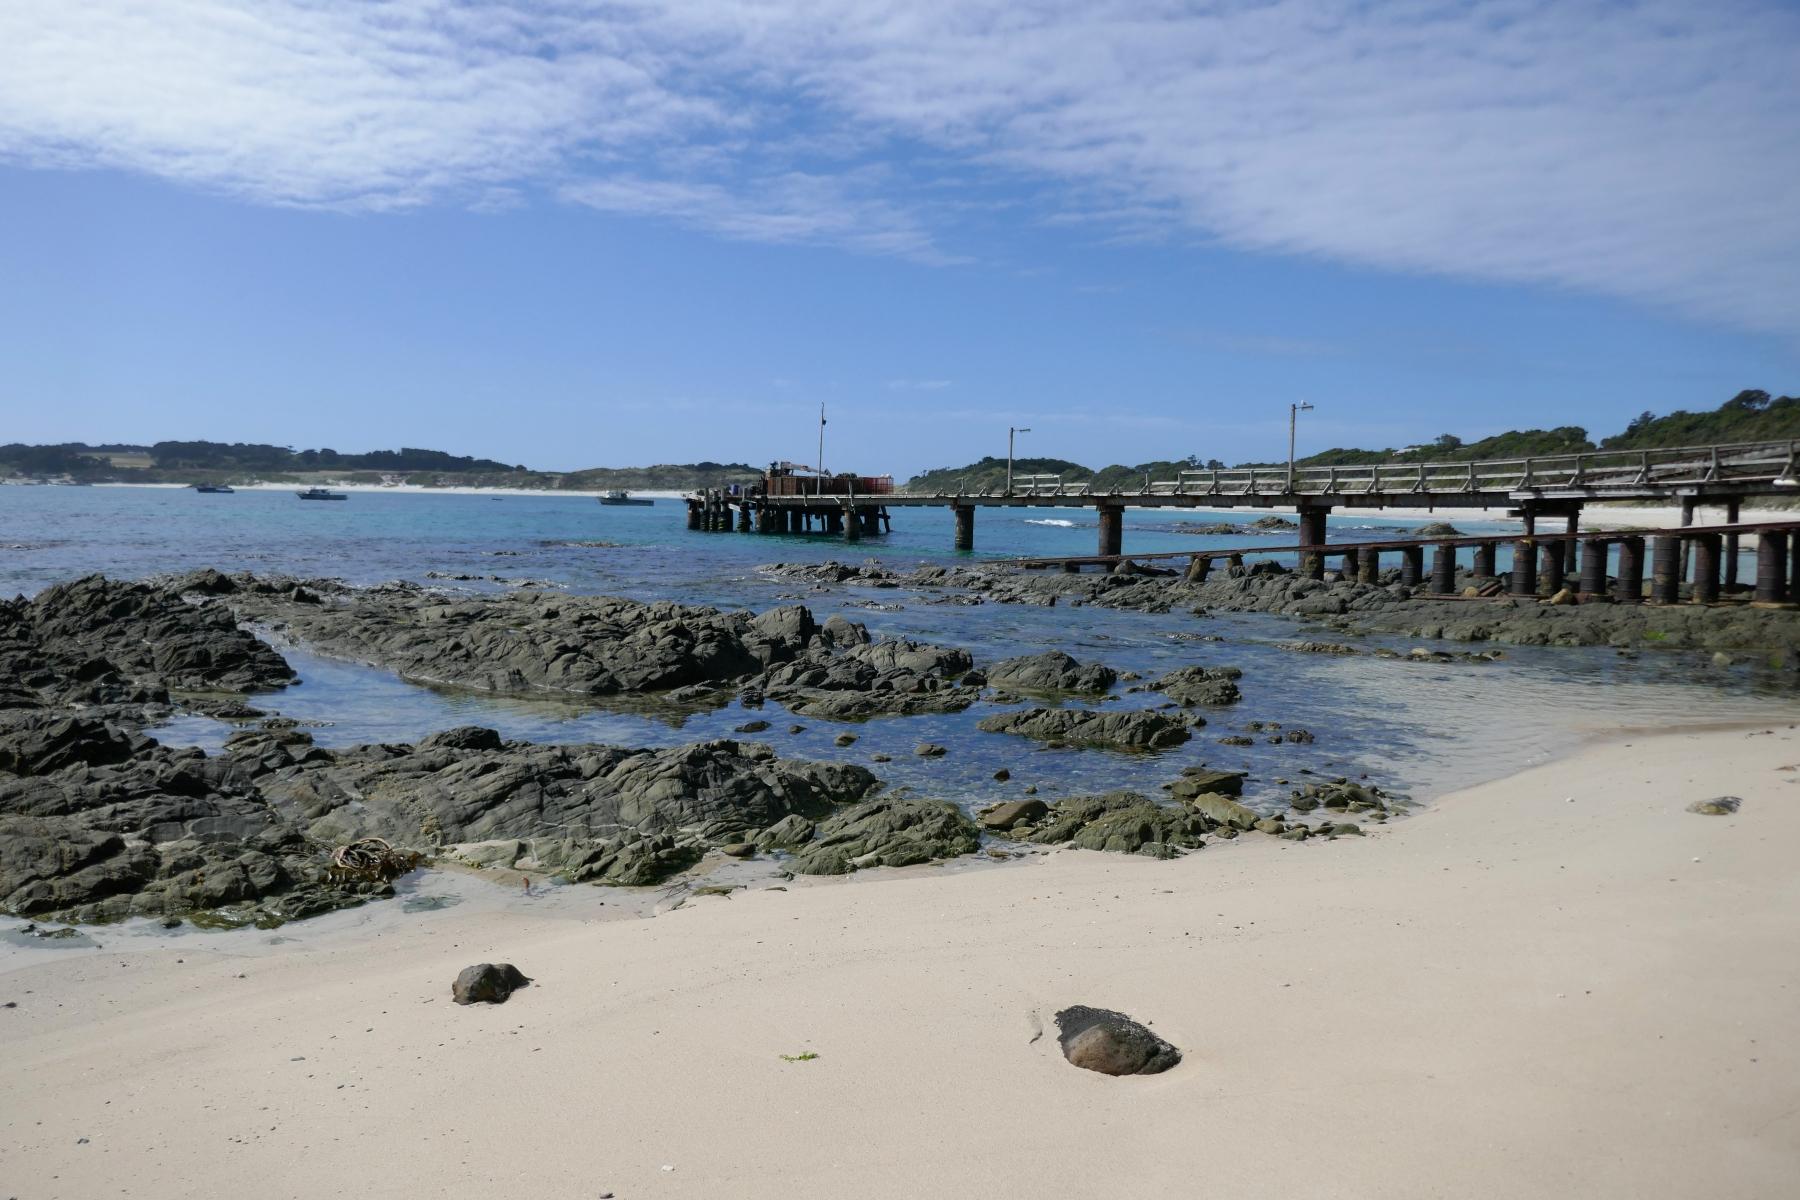 Kaingaroa Wharf